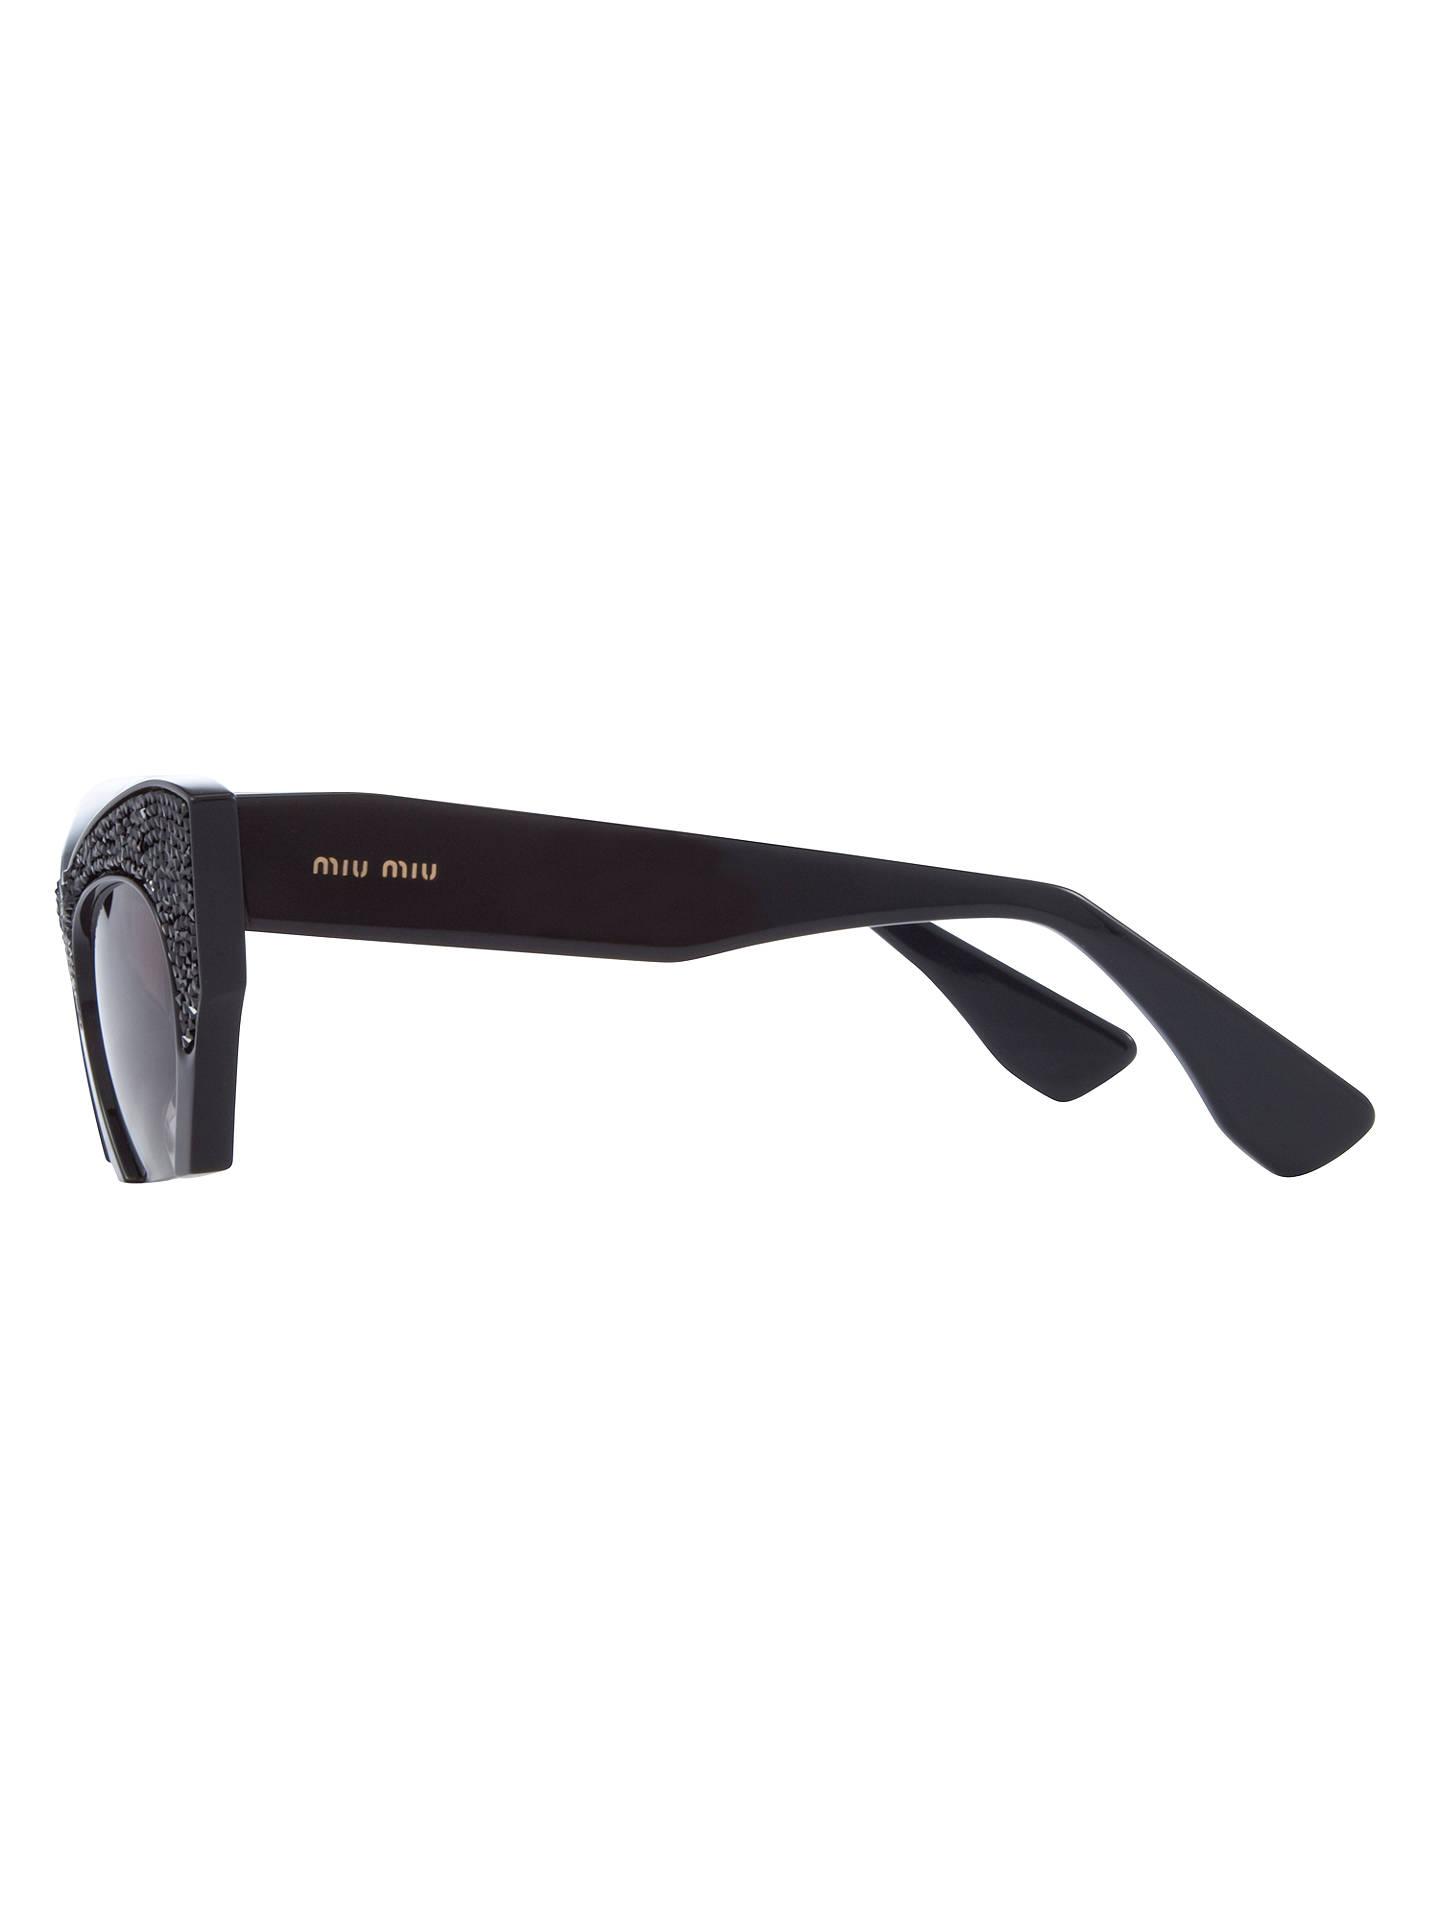 55e97afee8a1 ... Buy Miu Miu MU01QS0 Cat s Eye Frame Sunglasses